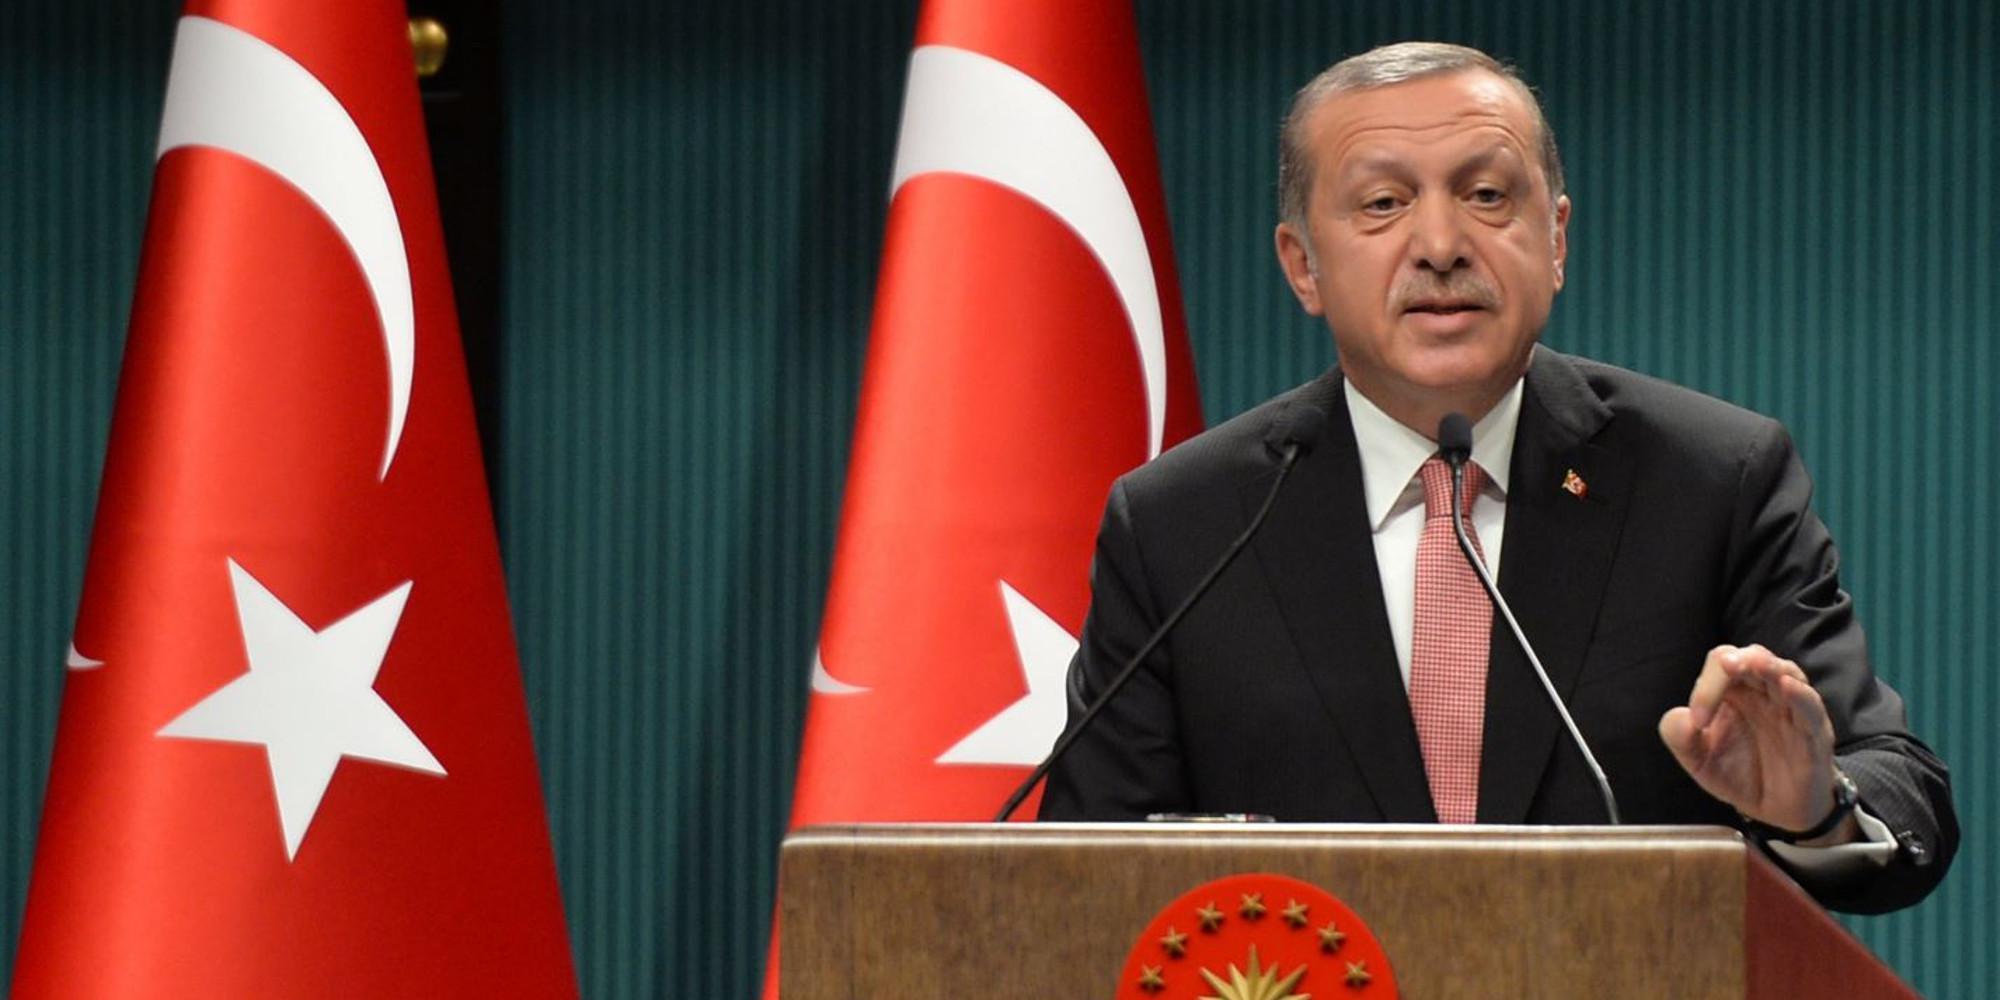 Αποτέλεσμα εικόνας για τουρκια κοντρα σε ολλανδια